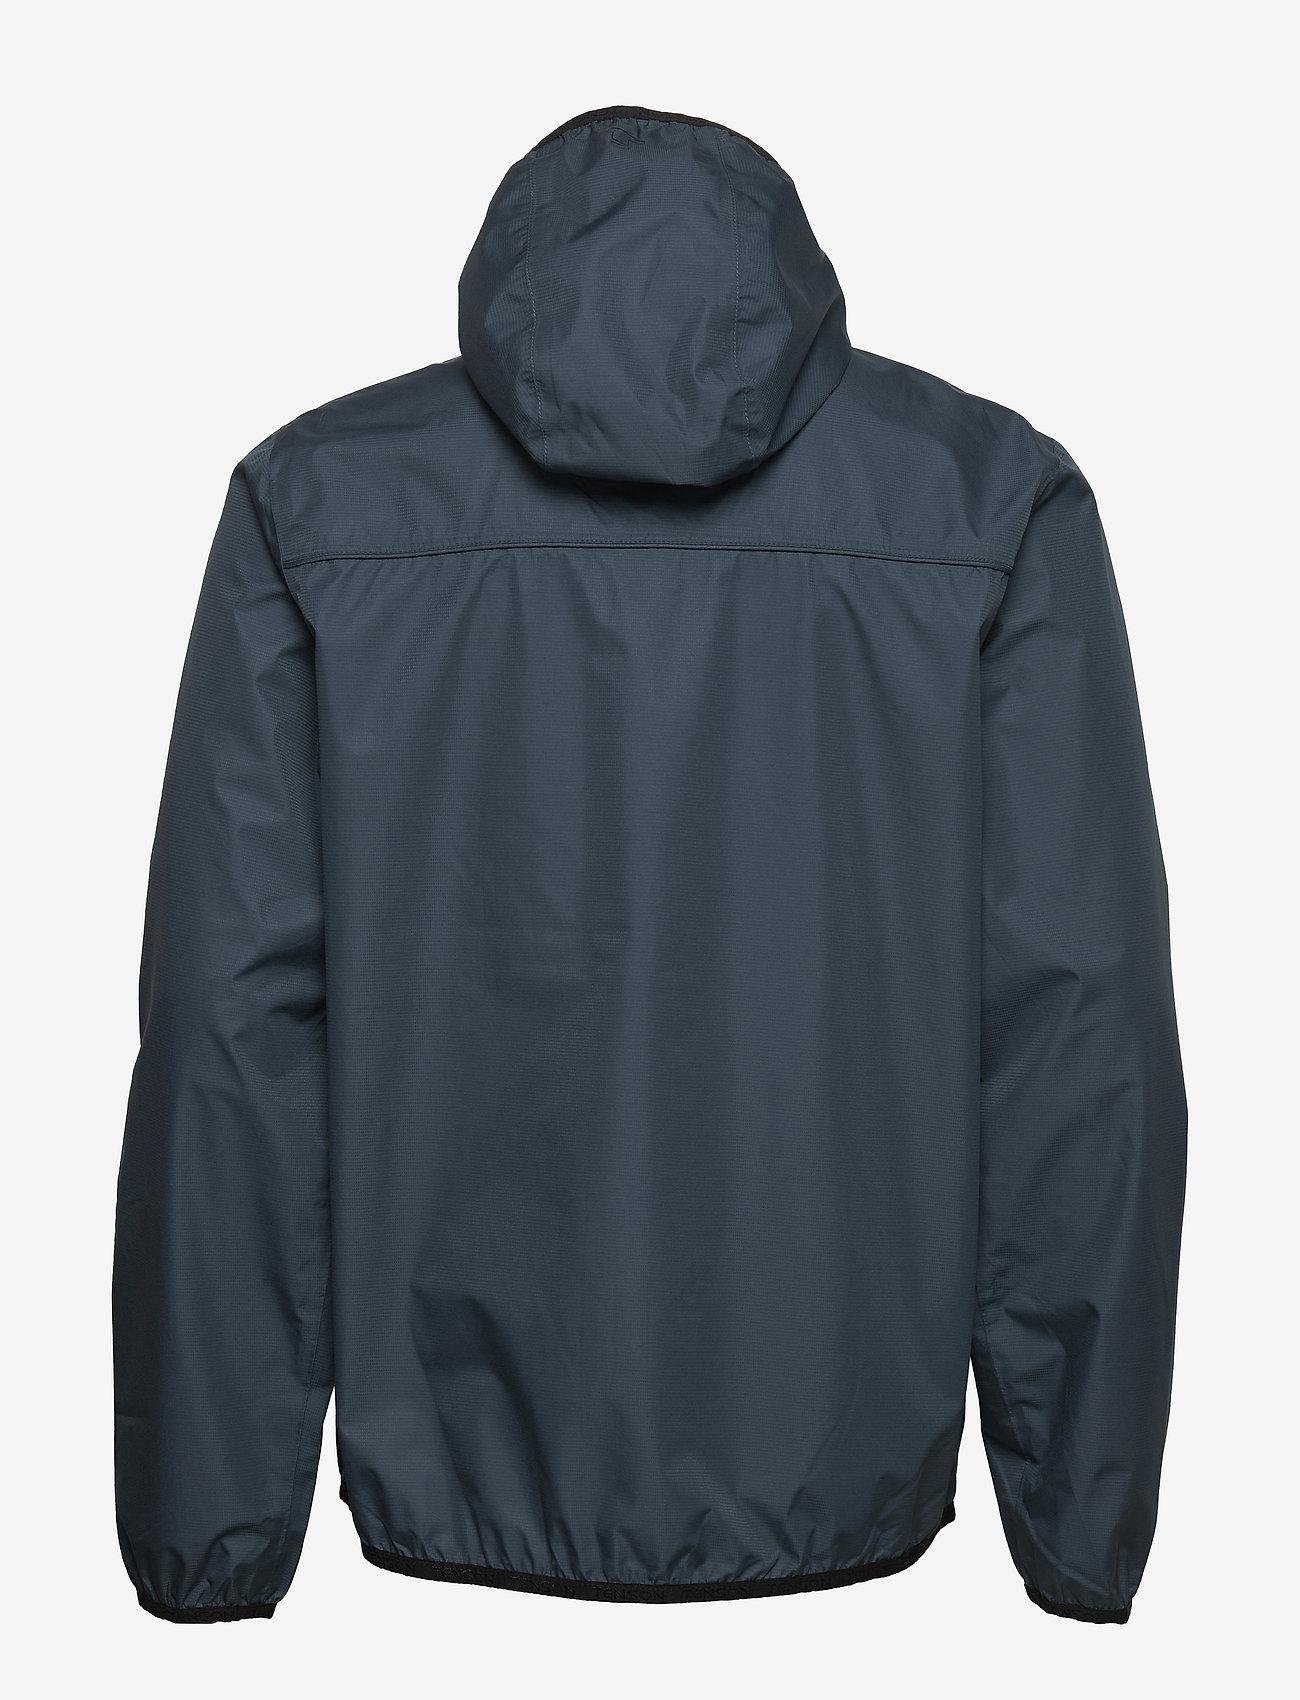 Tenson - Timon - ulkoilu- & sadetakit - dark grey